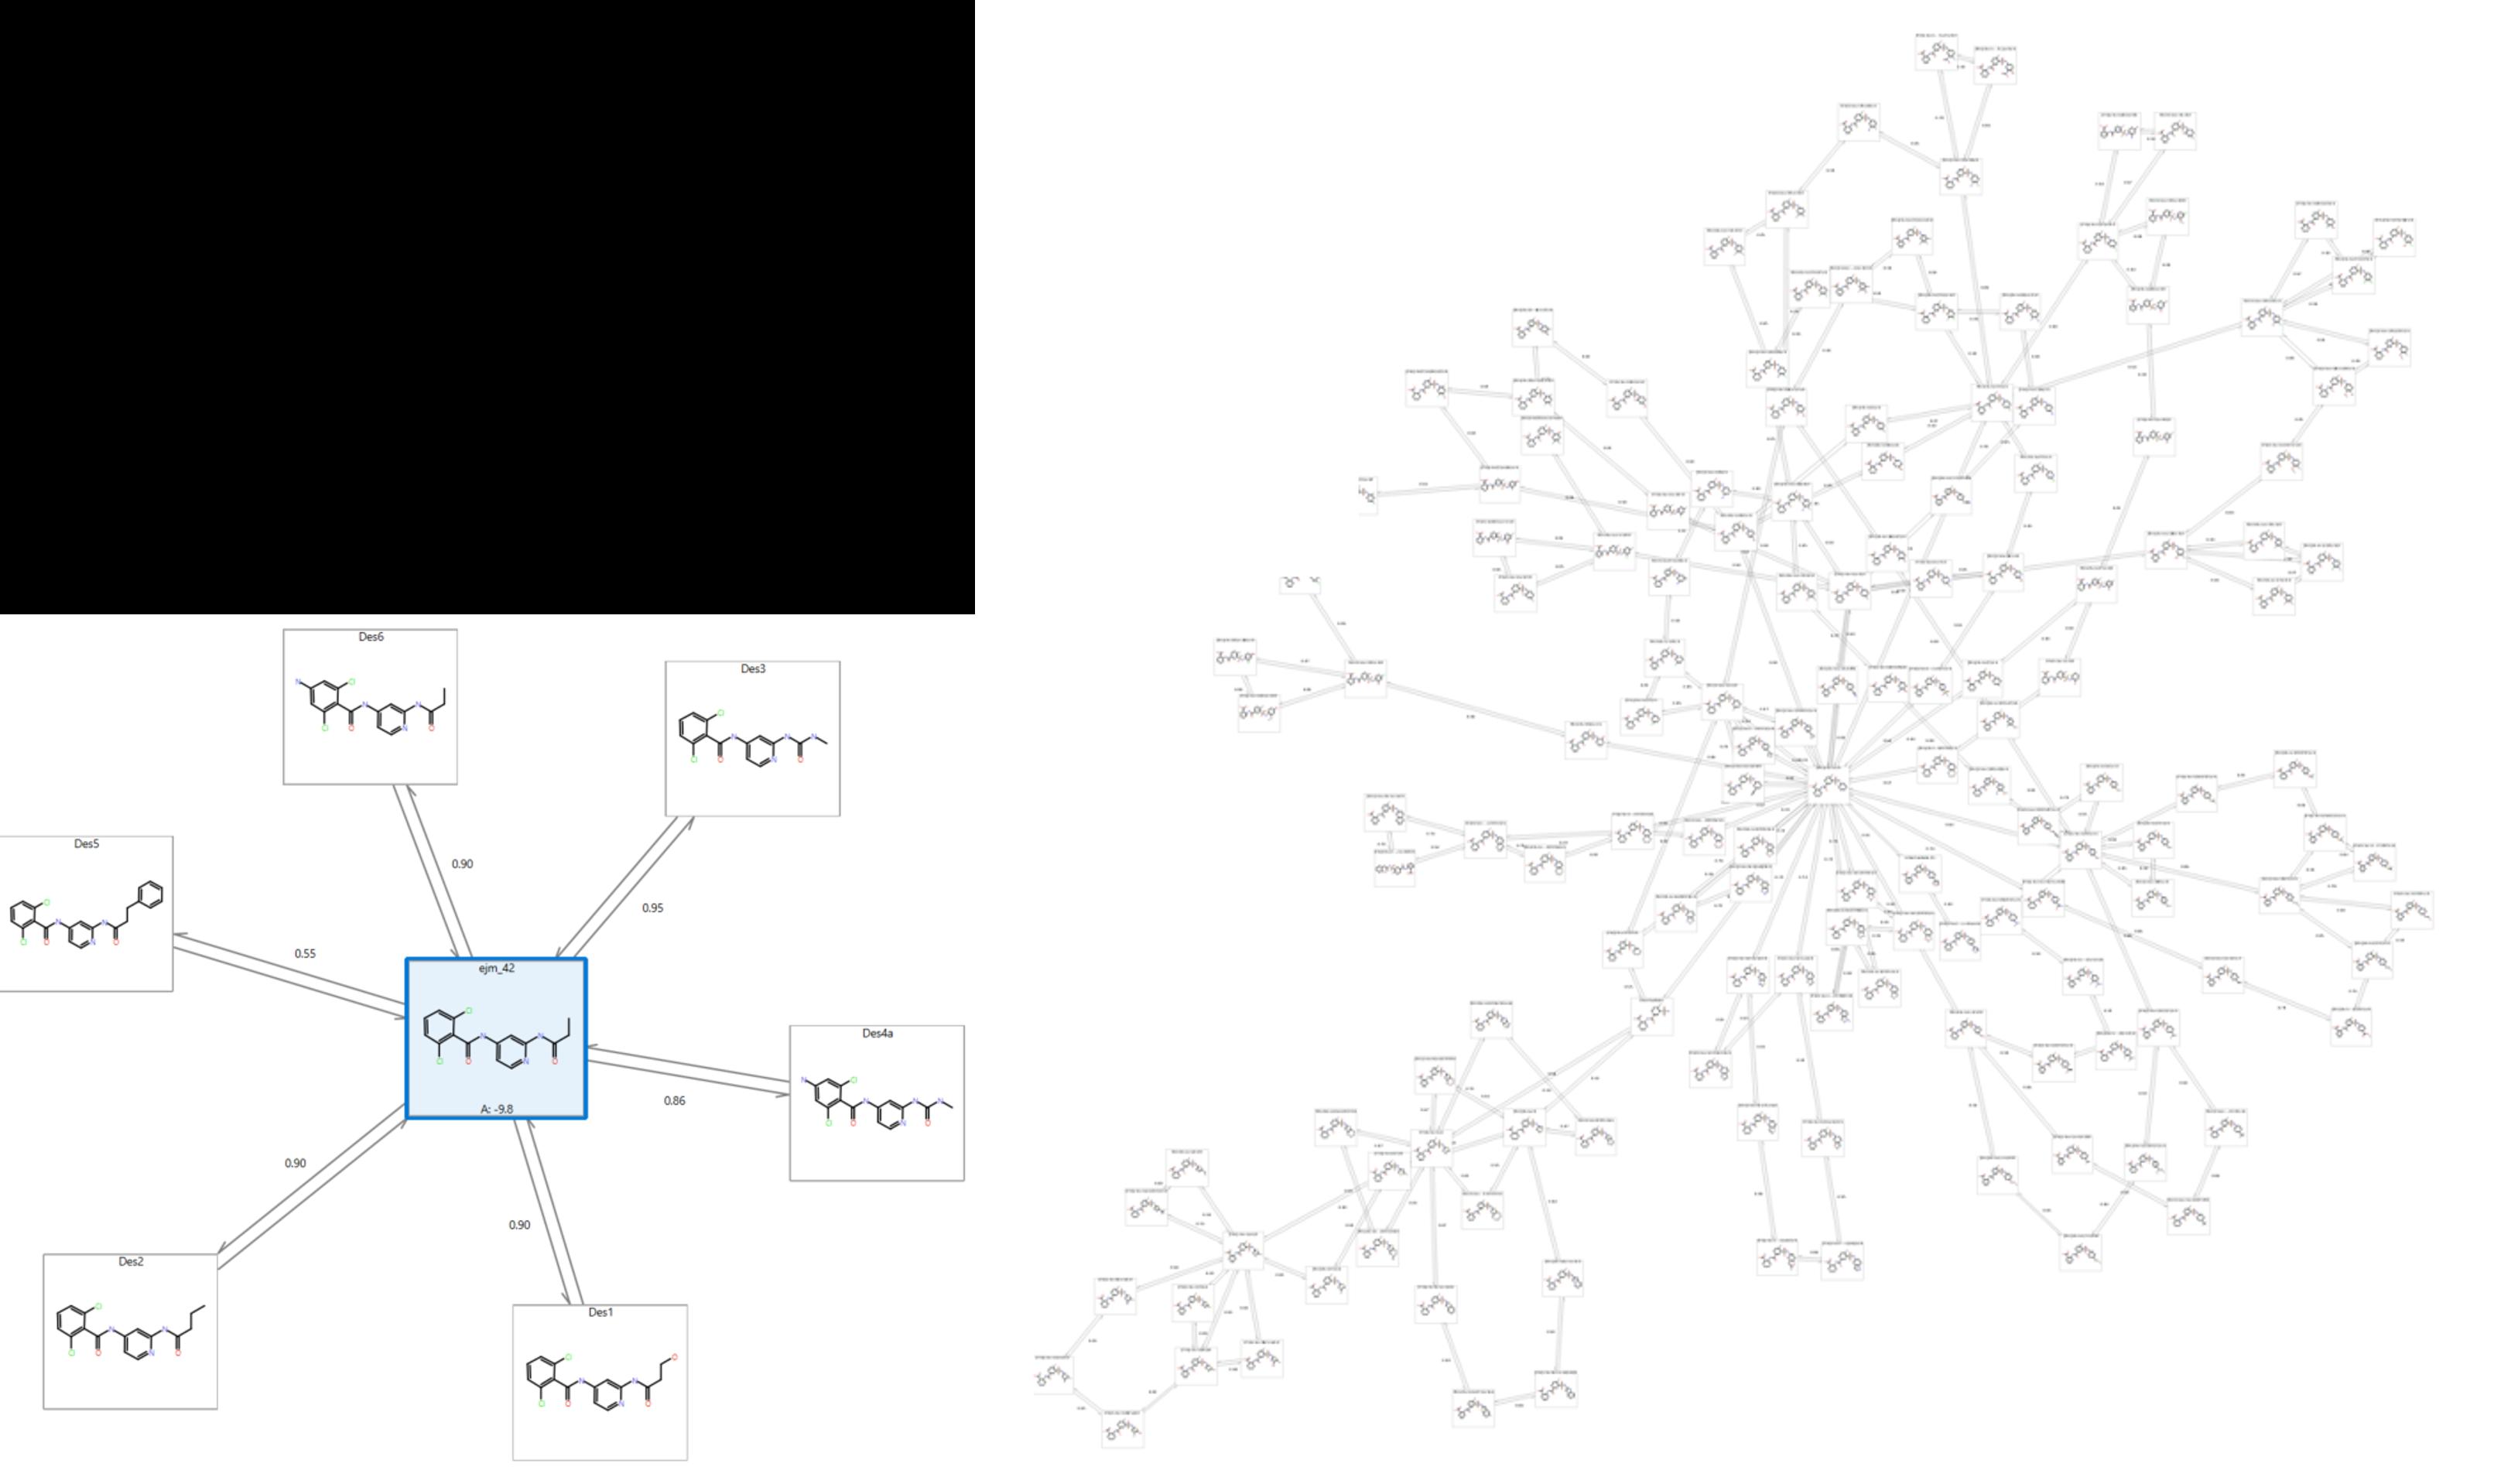 Figure 4. Comparison of a Star graph and Normal perturbation graph